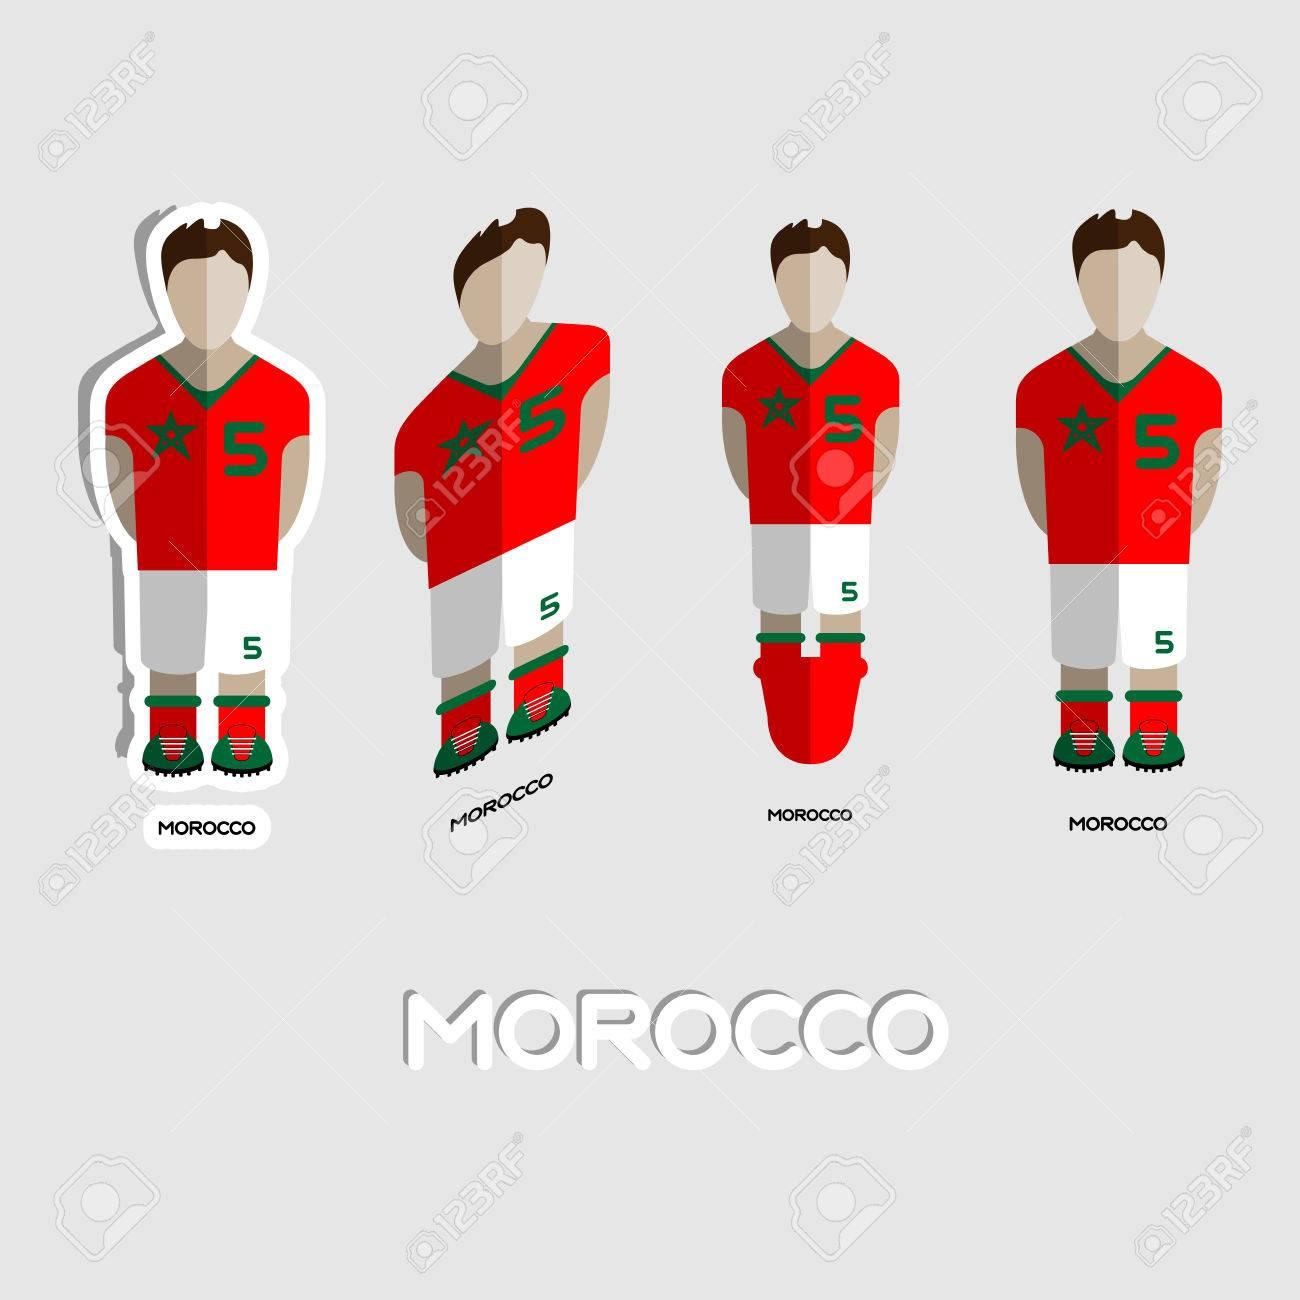 Marruecos Equipo De Fútbol De La Plantilla Deportiva. Vista Frontal ...